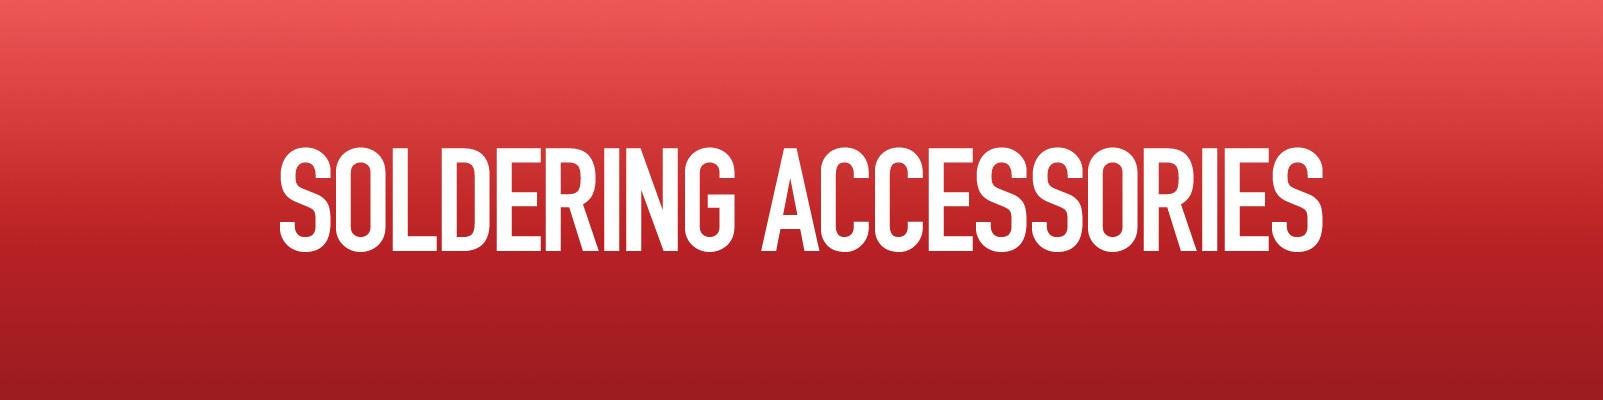 Soldering Accessories